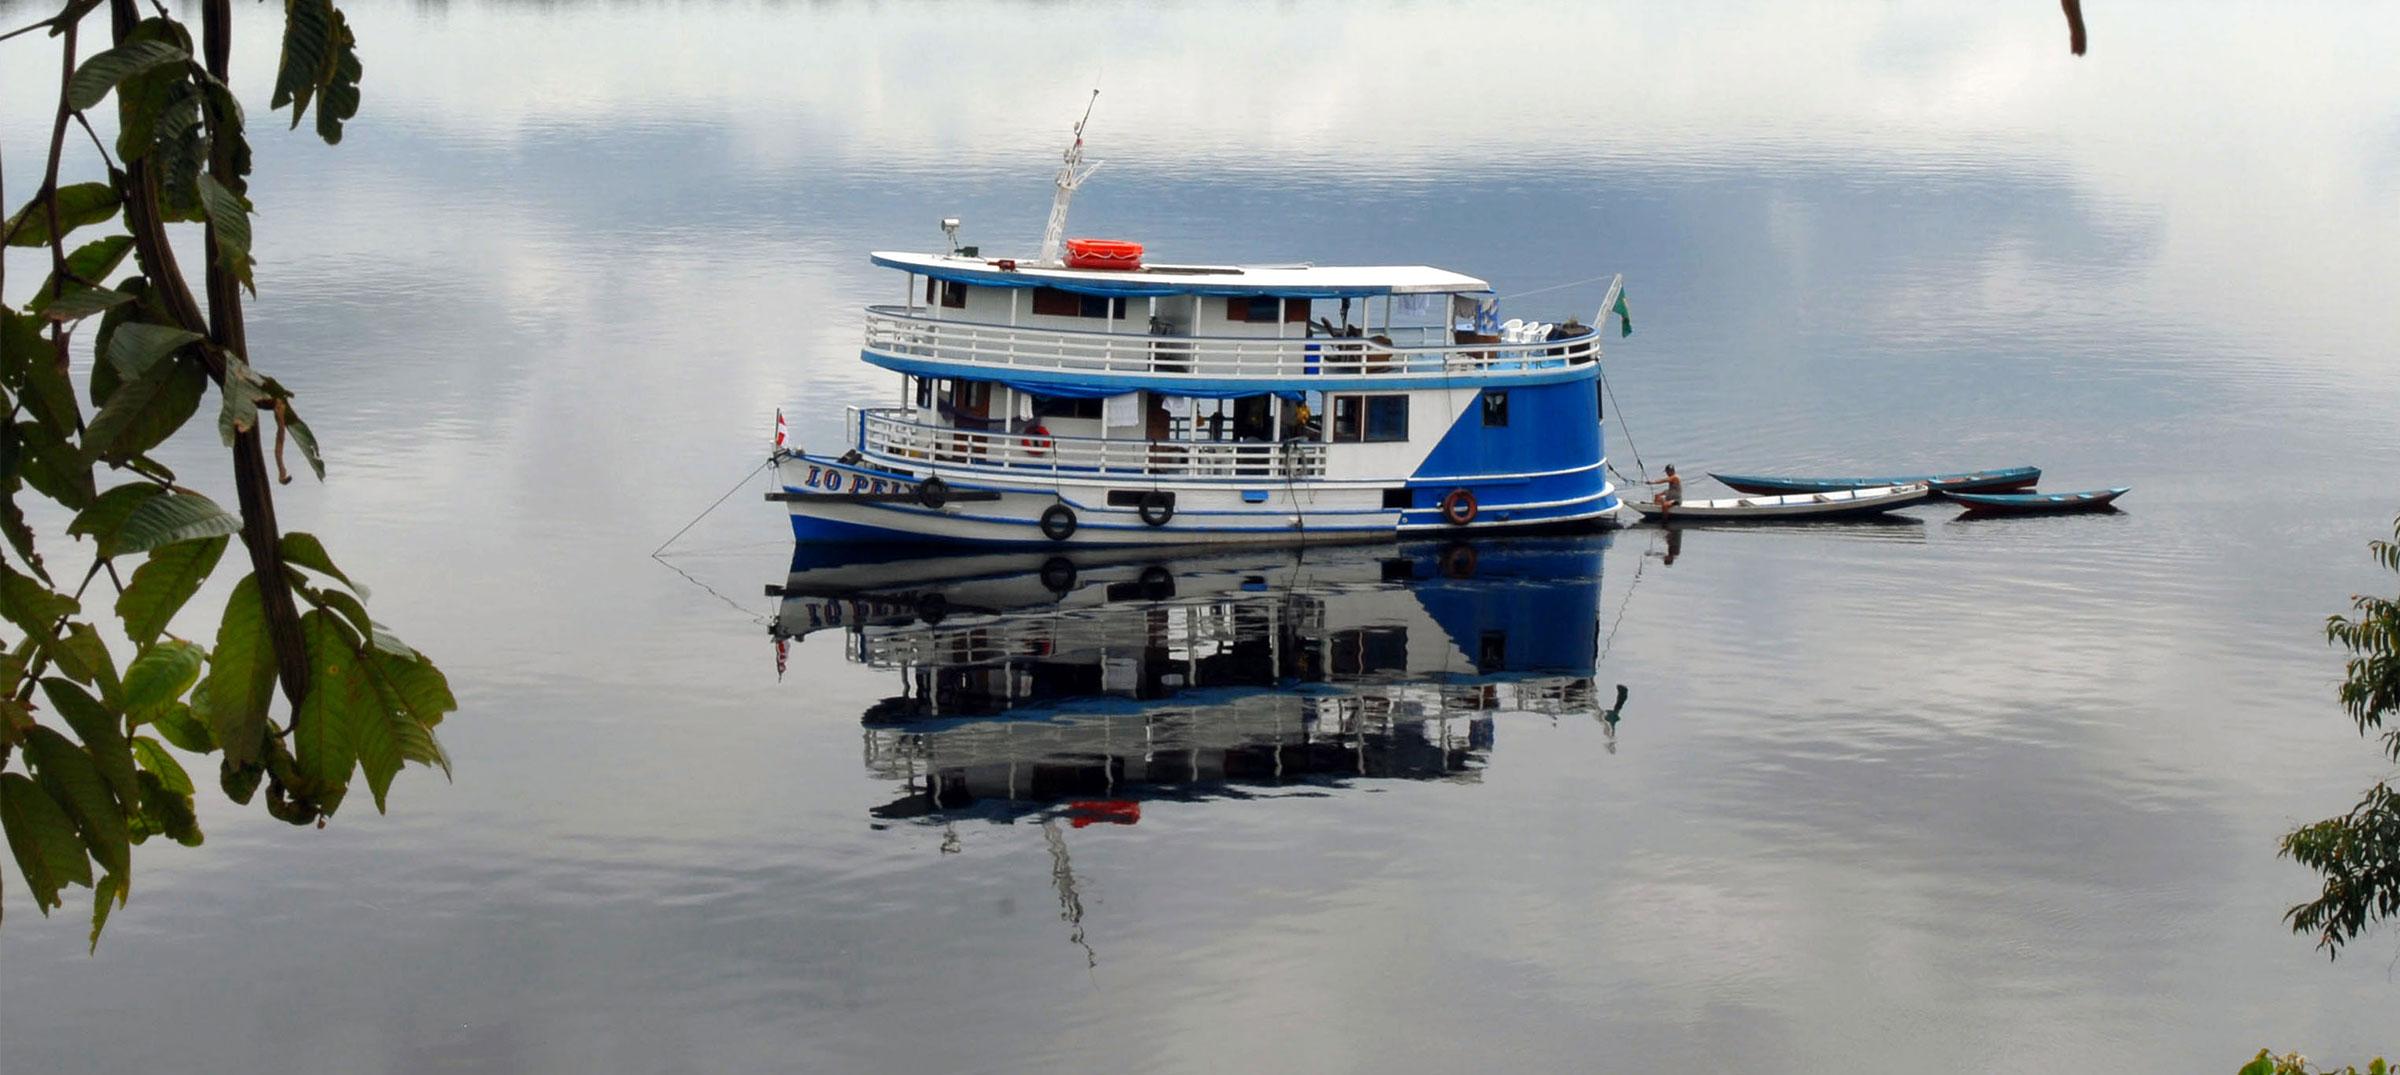 Lago Jari, Brazil. ©BAP, photo N. Khardina